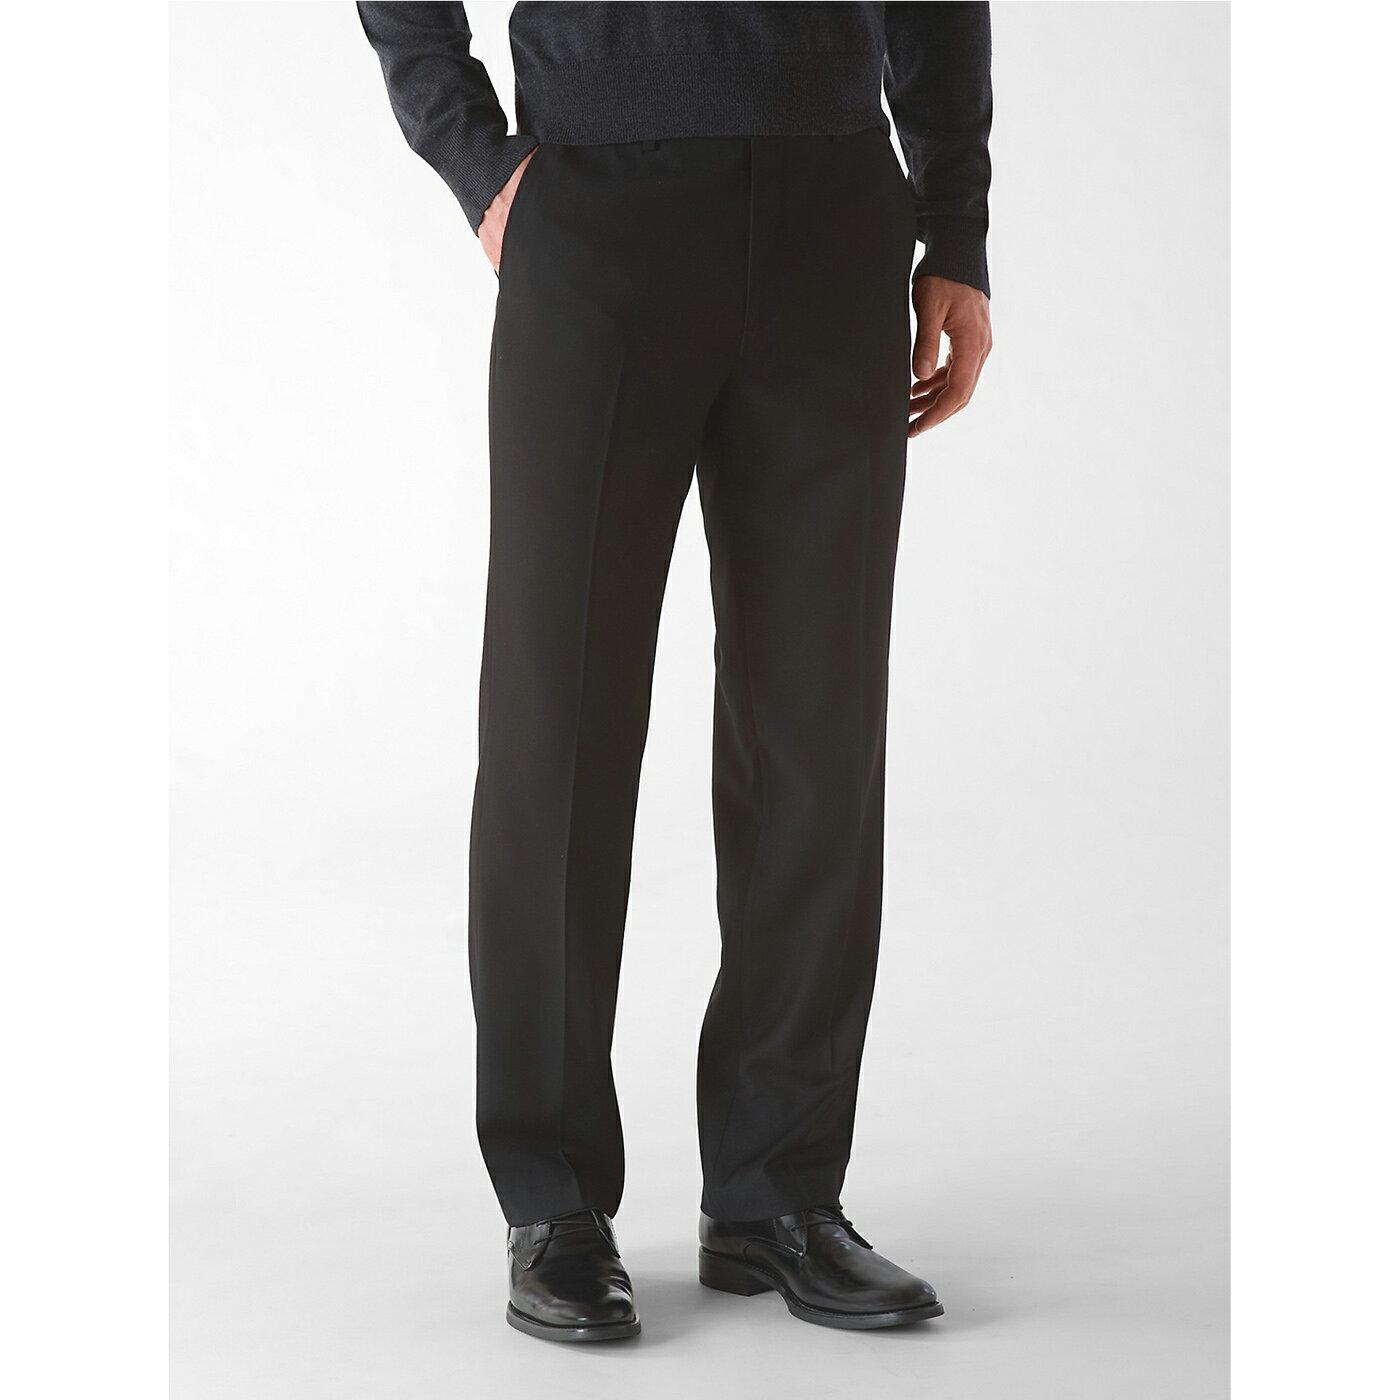 美國百分百【全新真品】Calvin Klein 西裝褲 CK 長褲 褲子 直筒 classic 黑色 30腰 G072